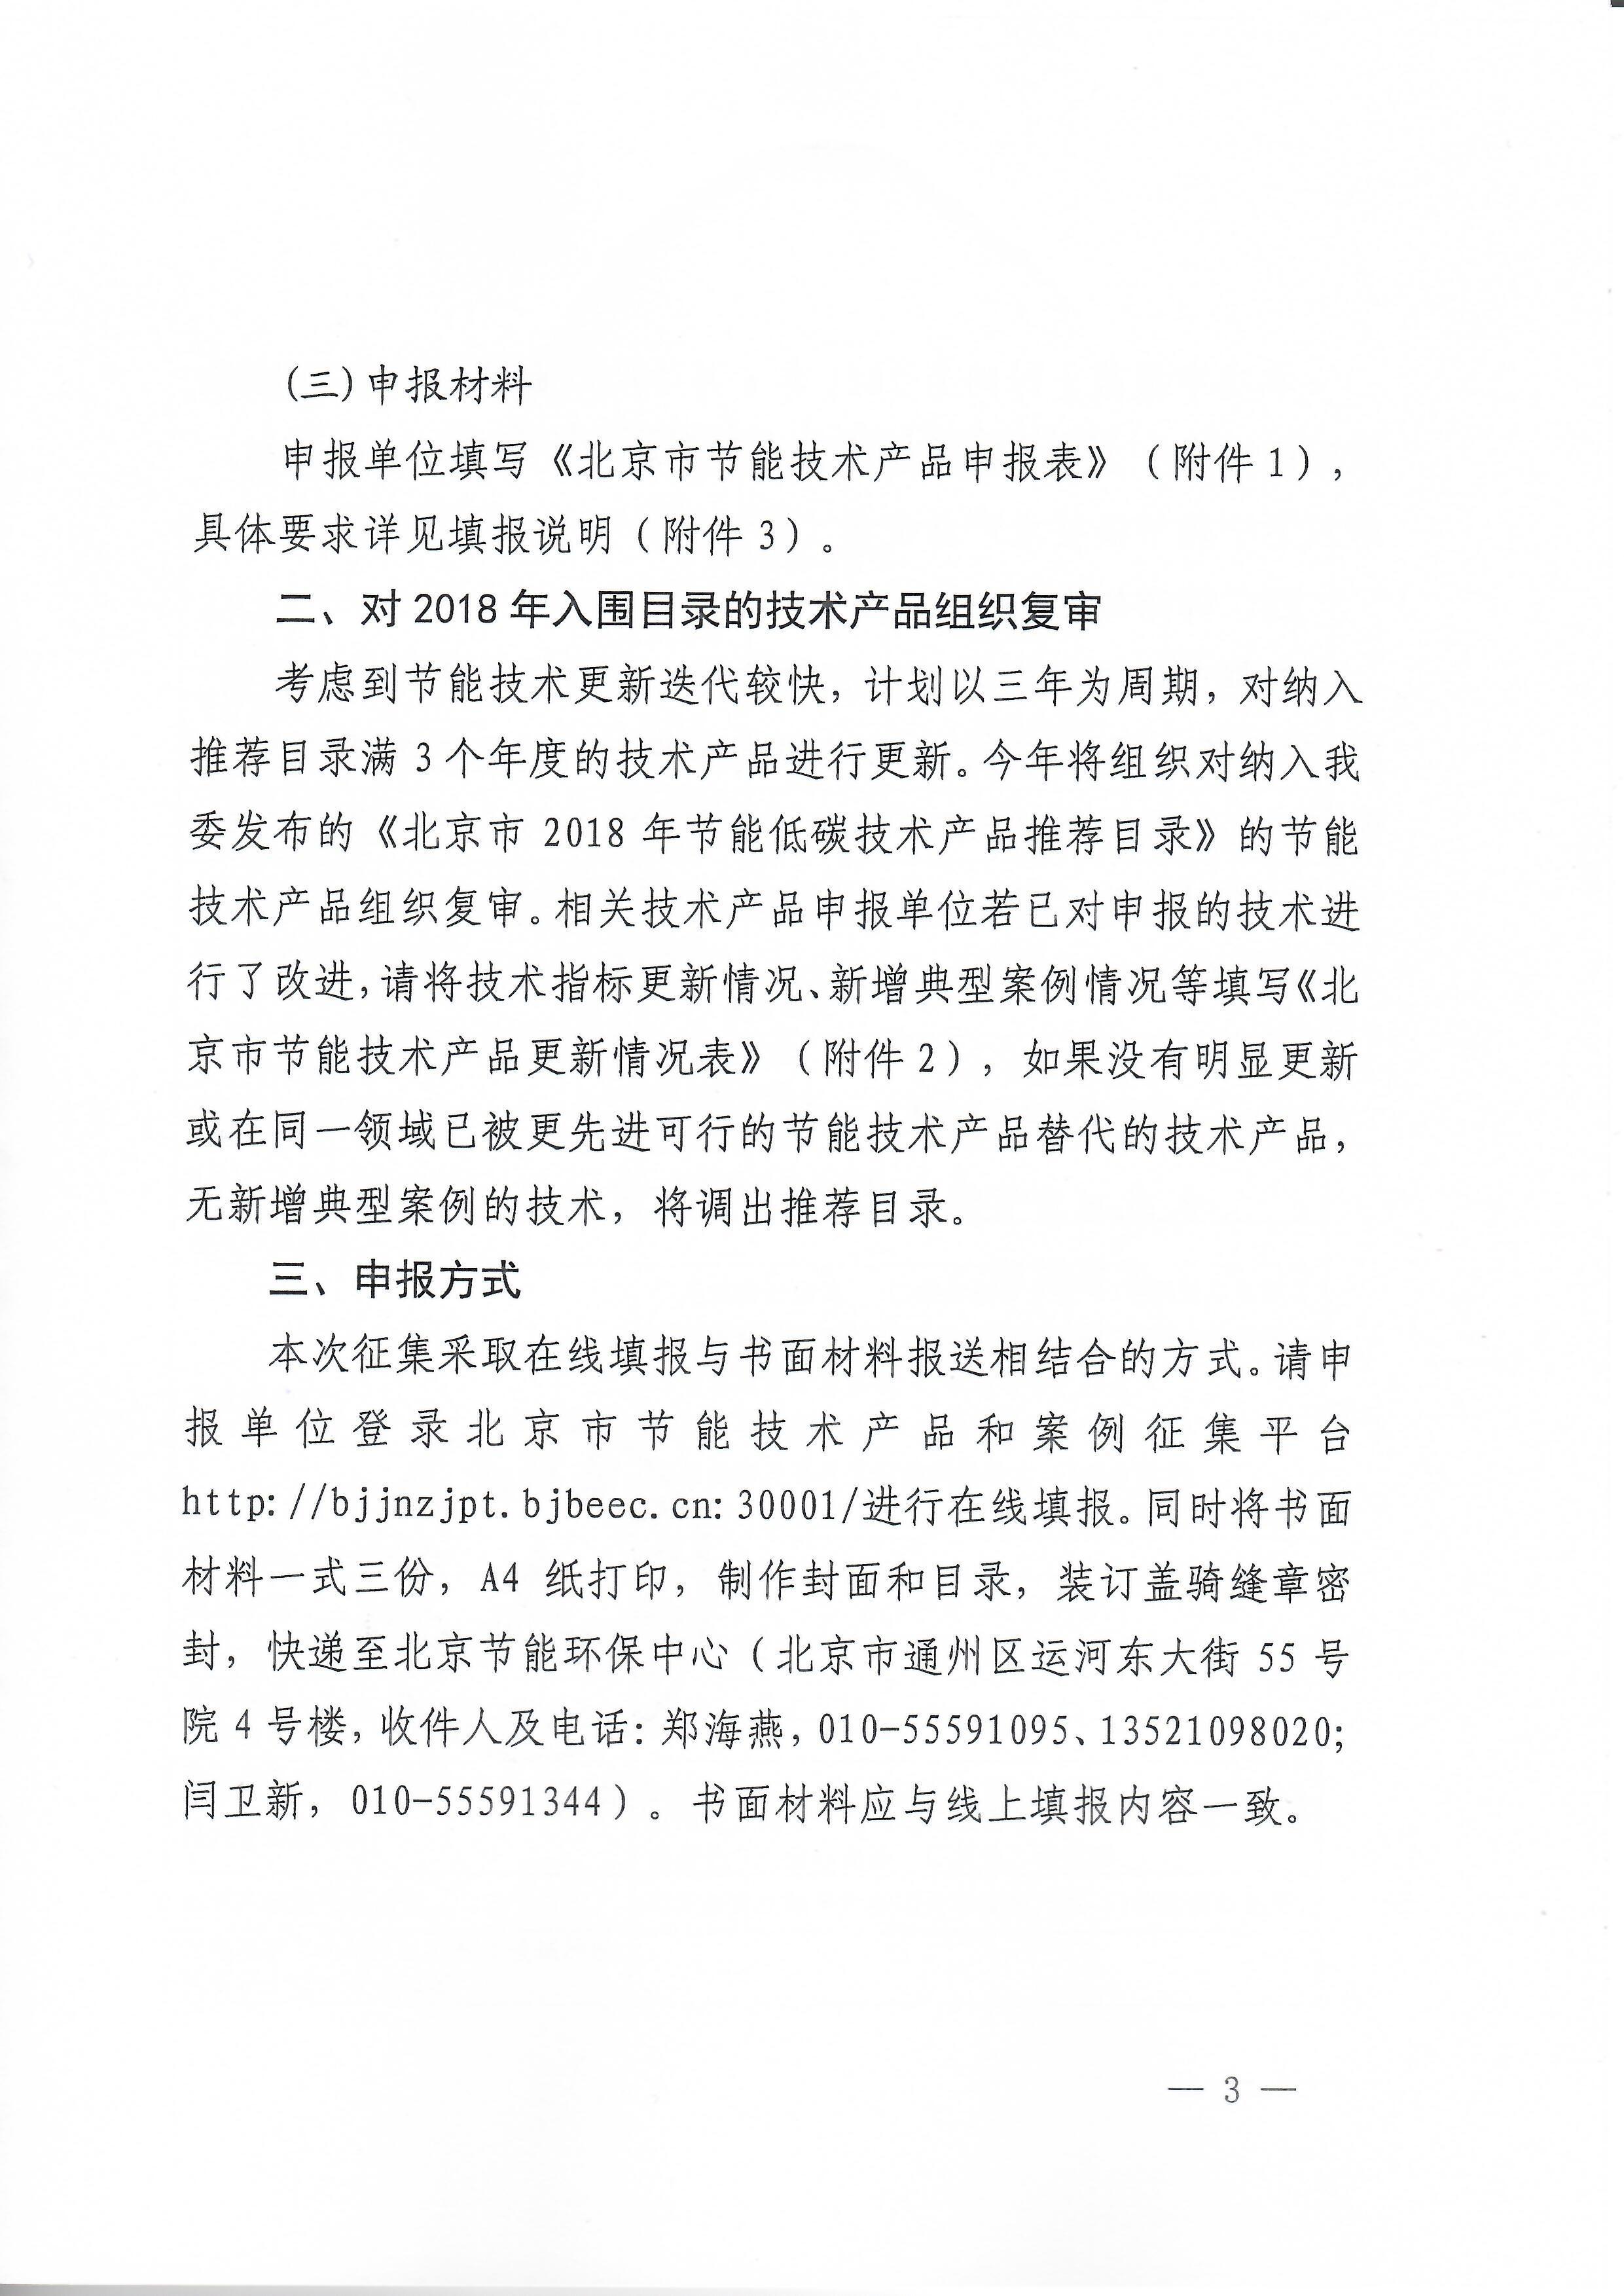 北京市节能技术产品征集通知_页面_03.jpg